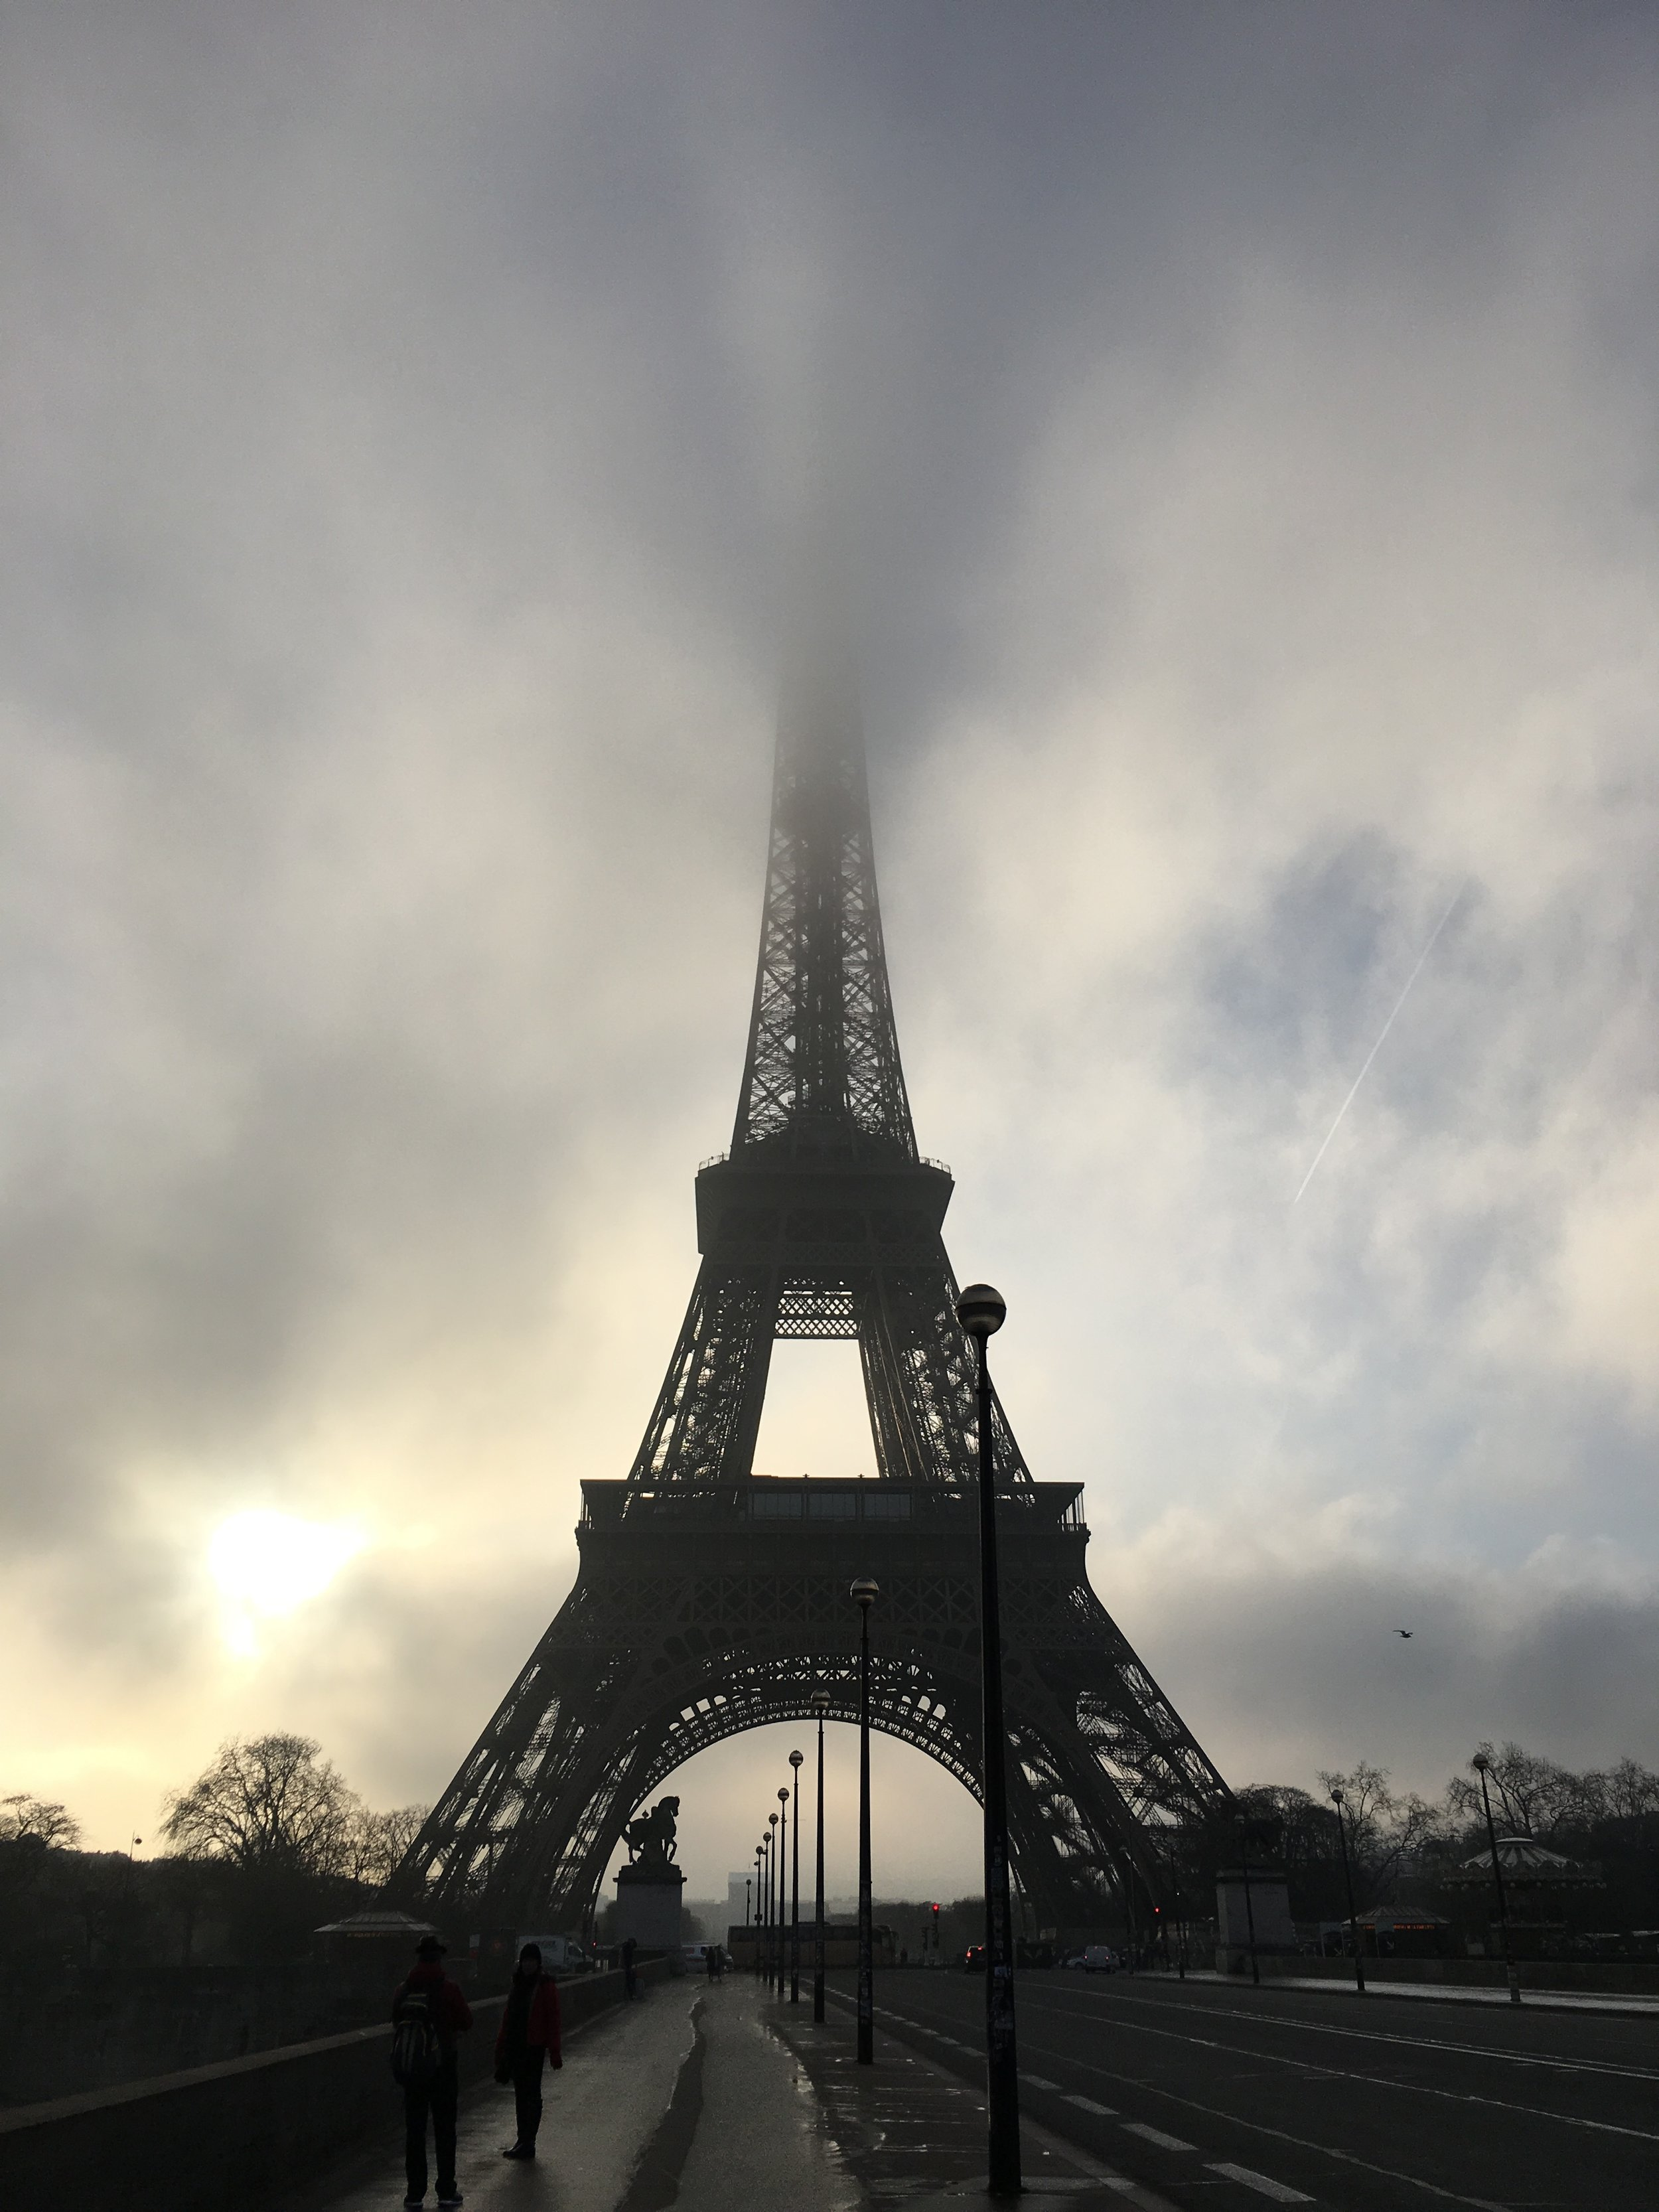 Paris_Eiffel Tower with fog.JPG